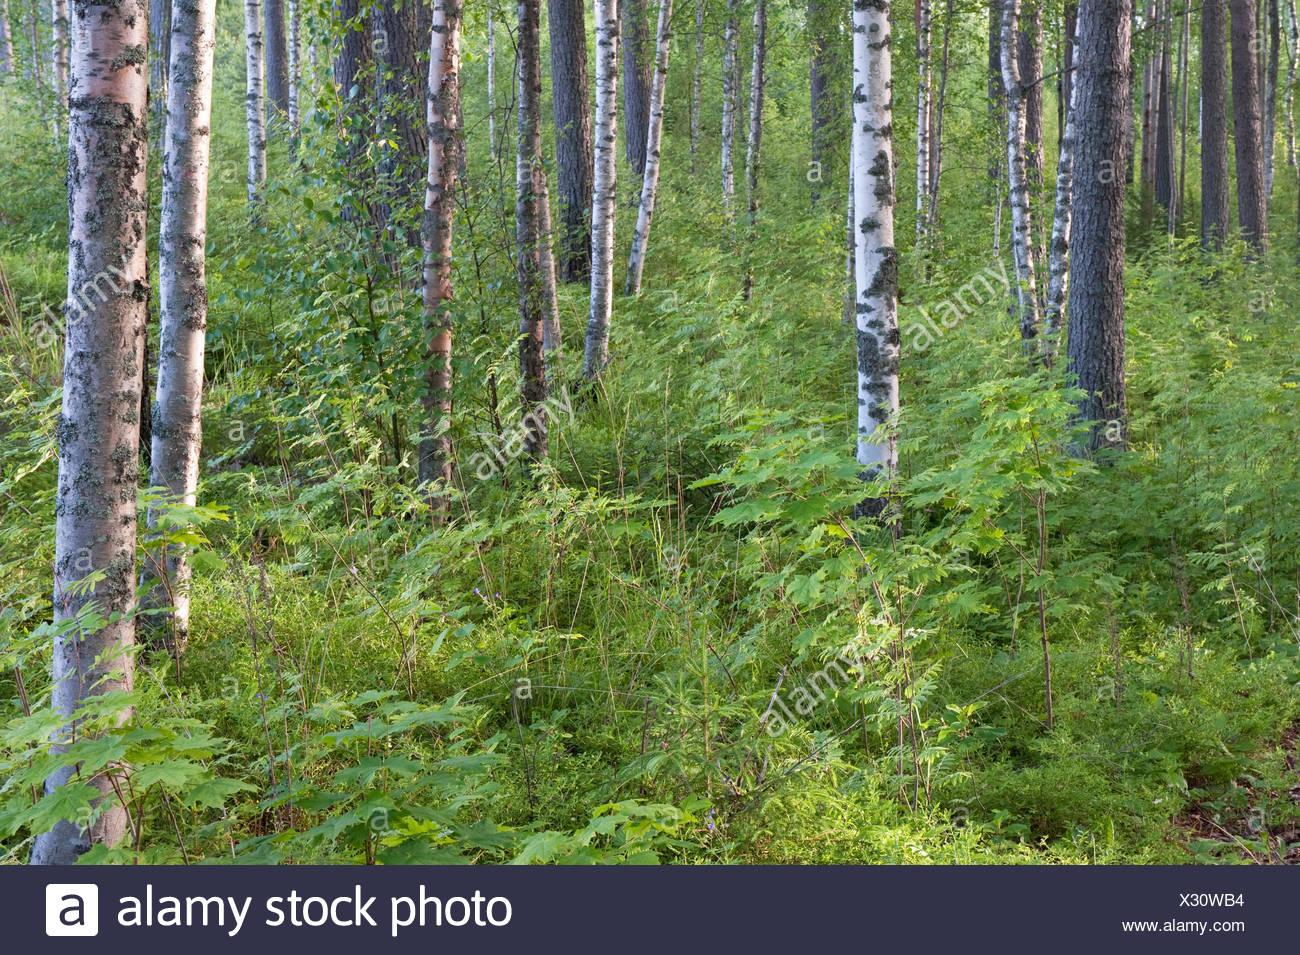 Silver Birch woodland, Betula pendula and ferns, Kangasala, Finland - Stock Image